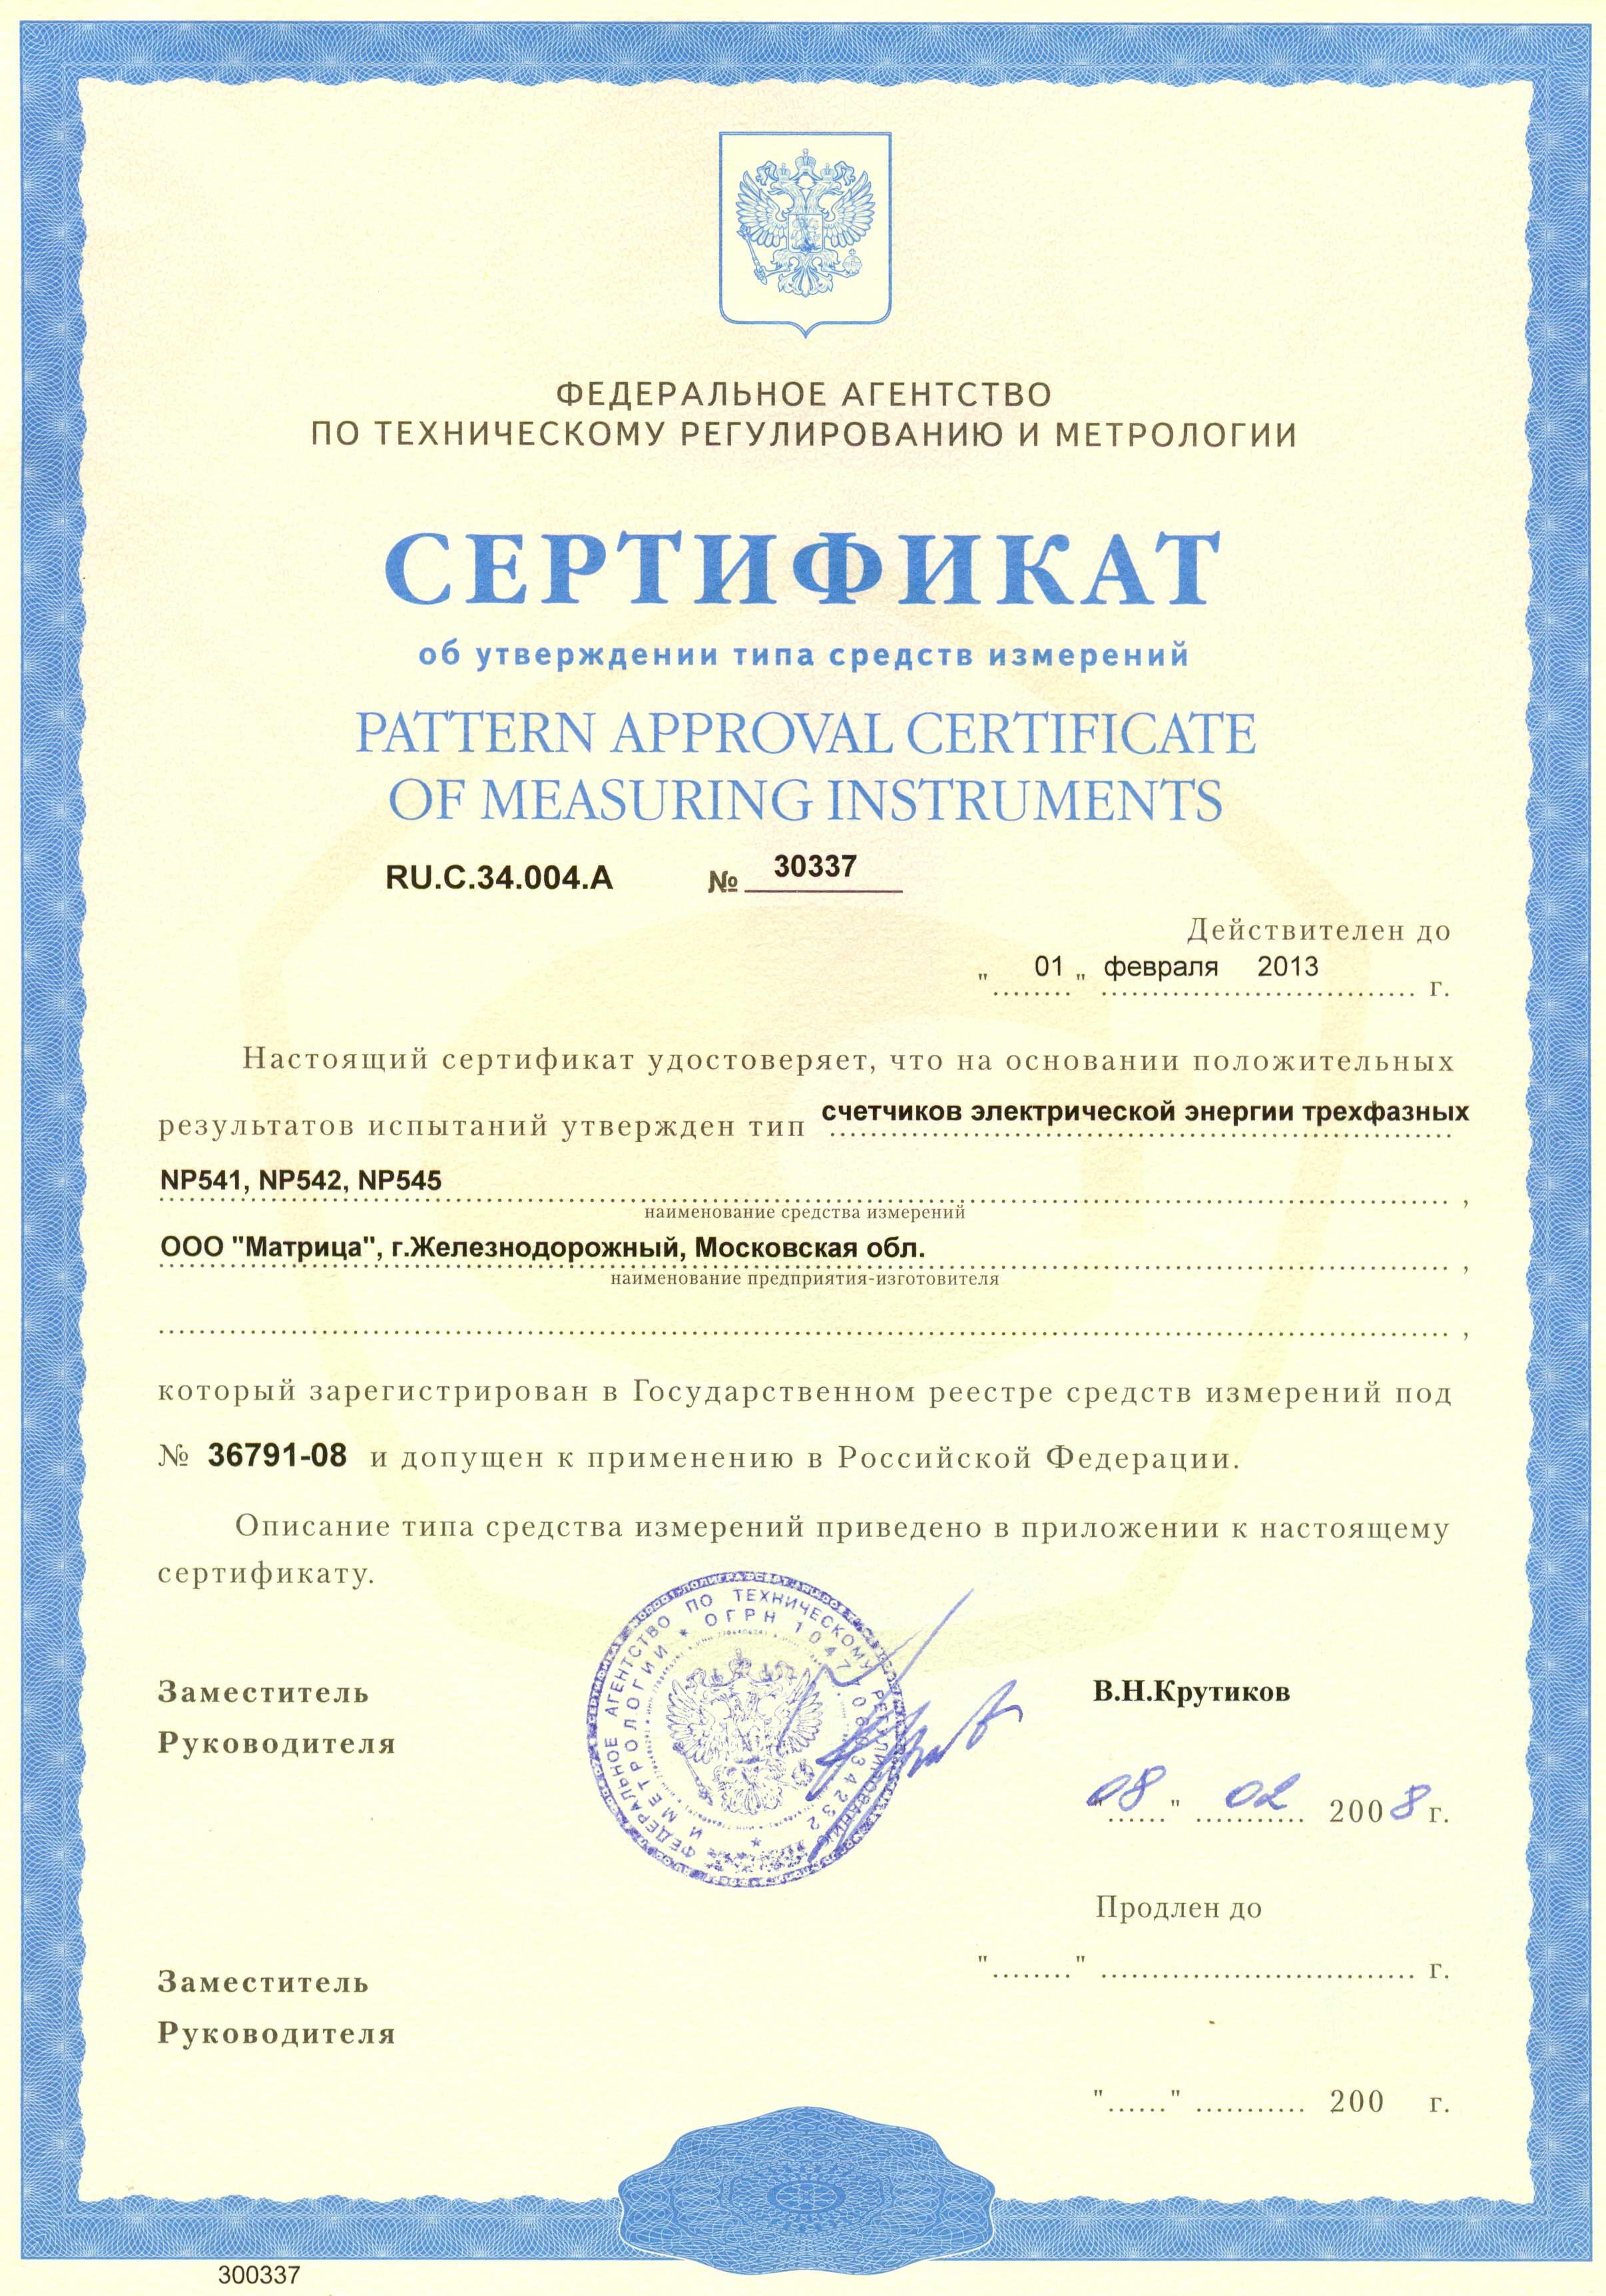 Сертификат об утверждении типа средств измерений: счетчики электрической энергии трехфазные